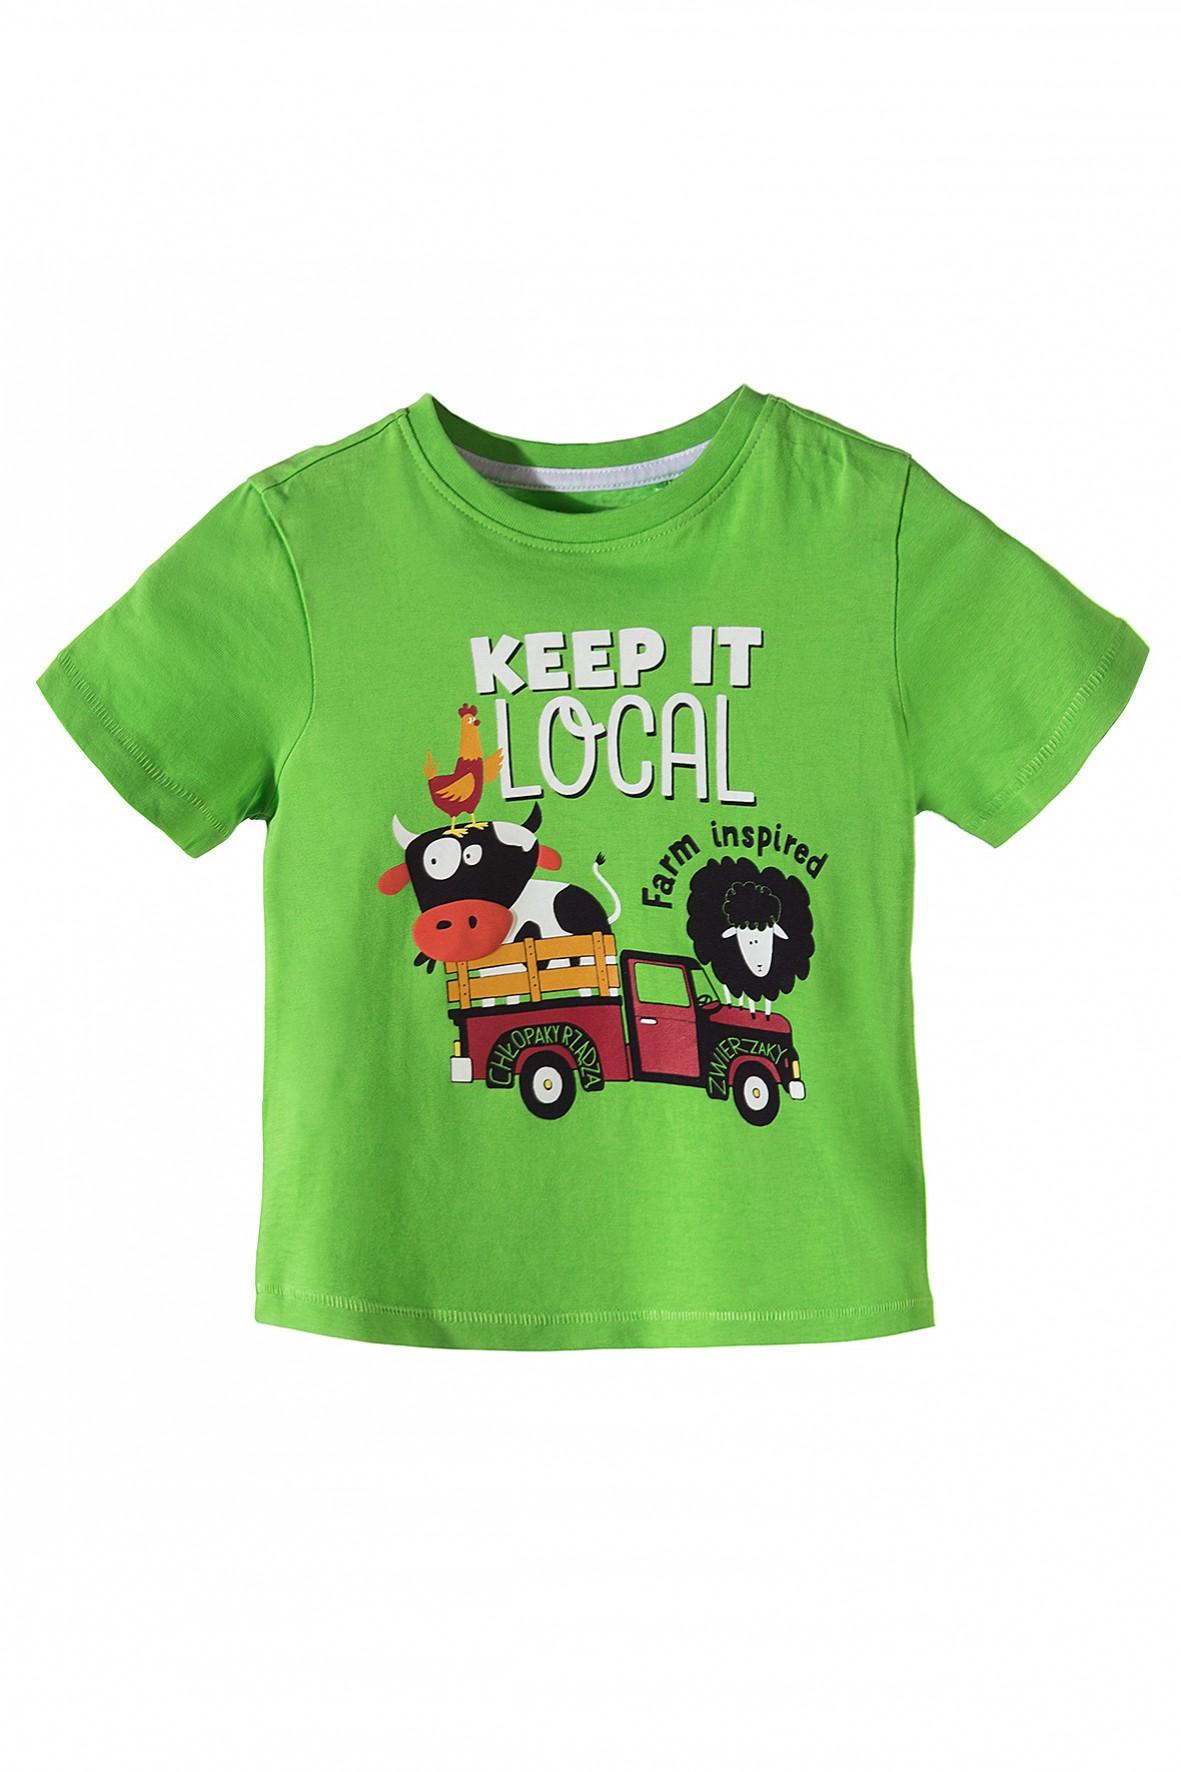 W superbly Zielony, bawełniany t-shirt dla chłopca z farmerskimi nadrukami z RK65